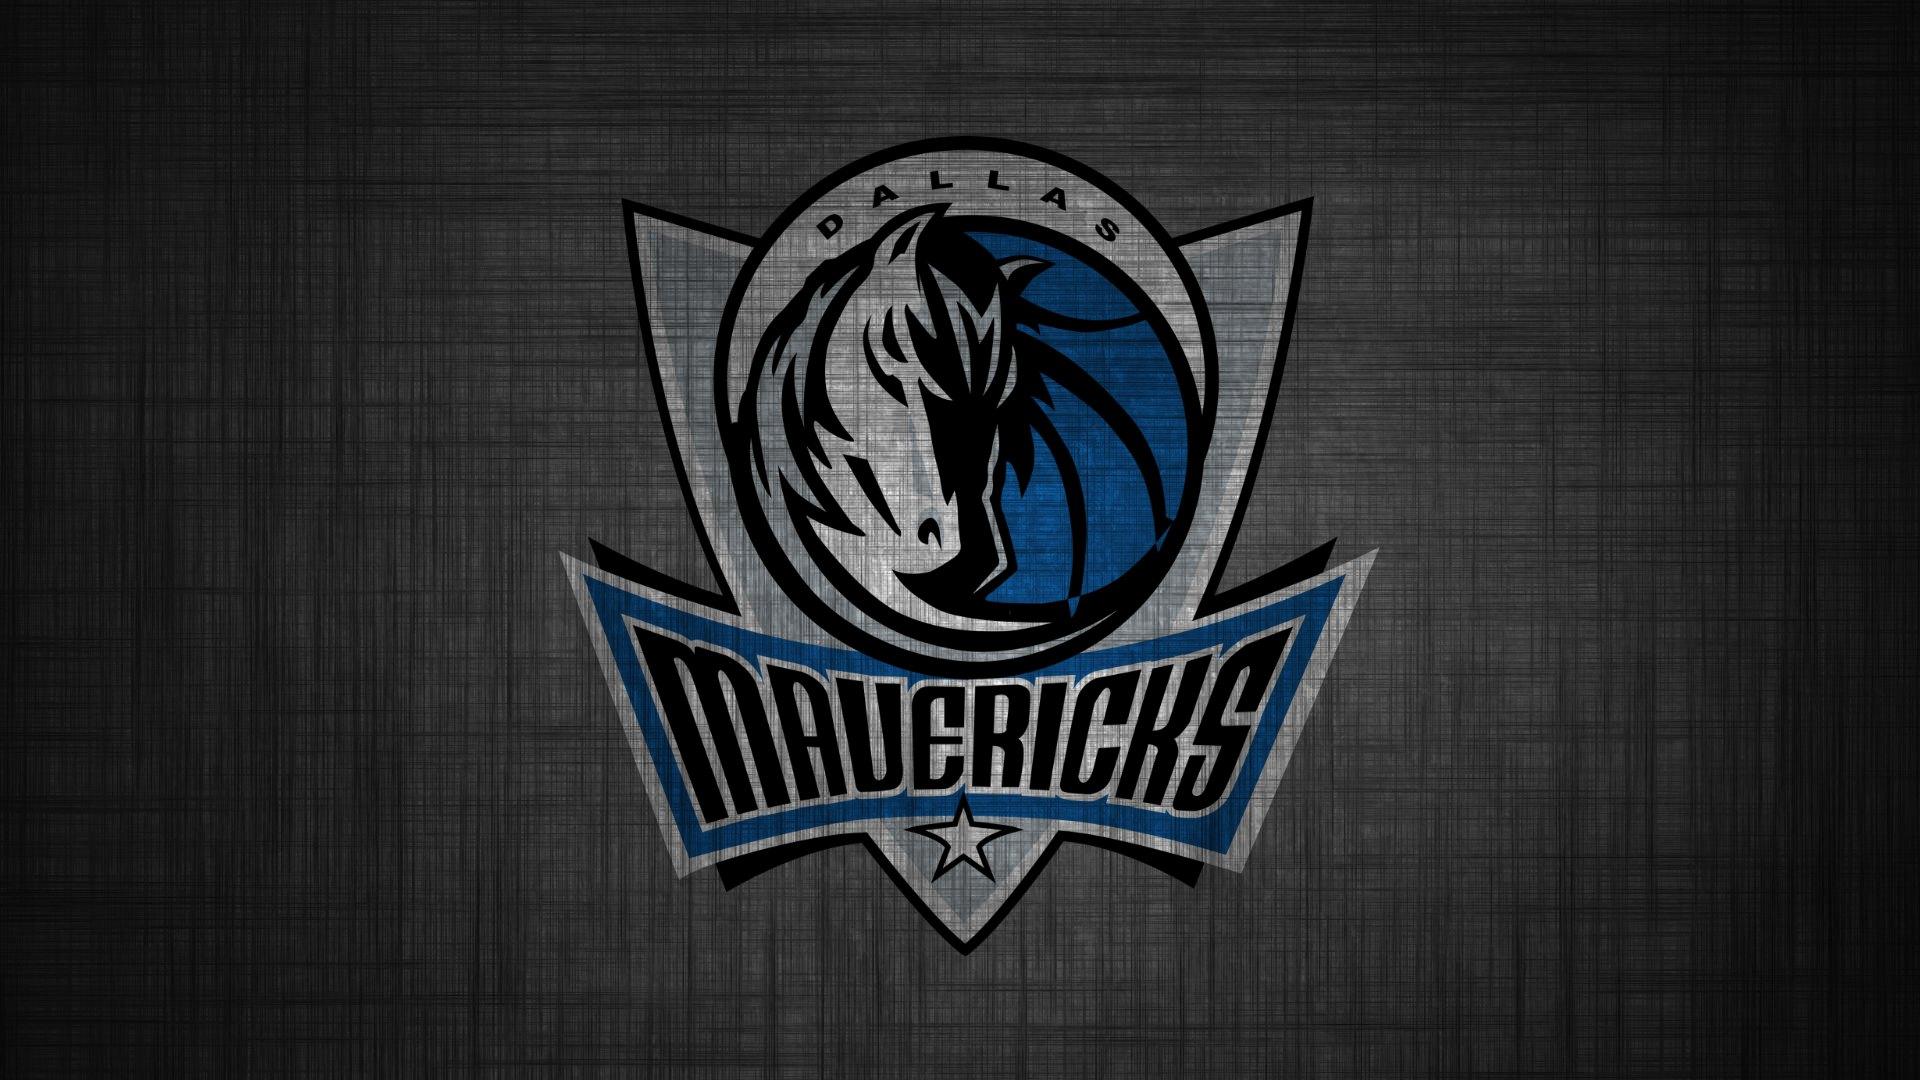 Mavericks backgrounds Group (65+)